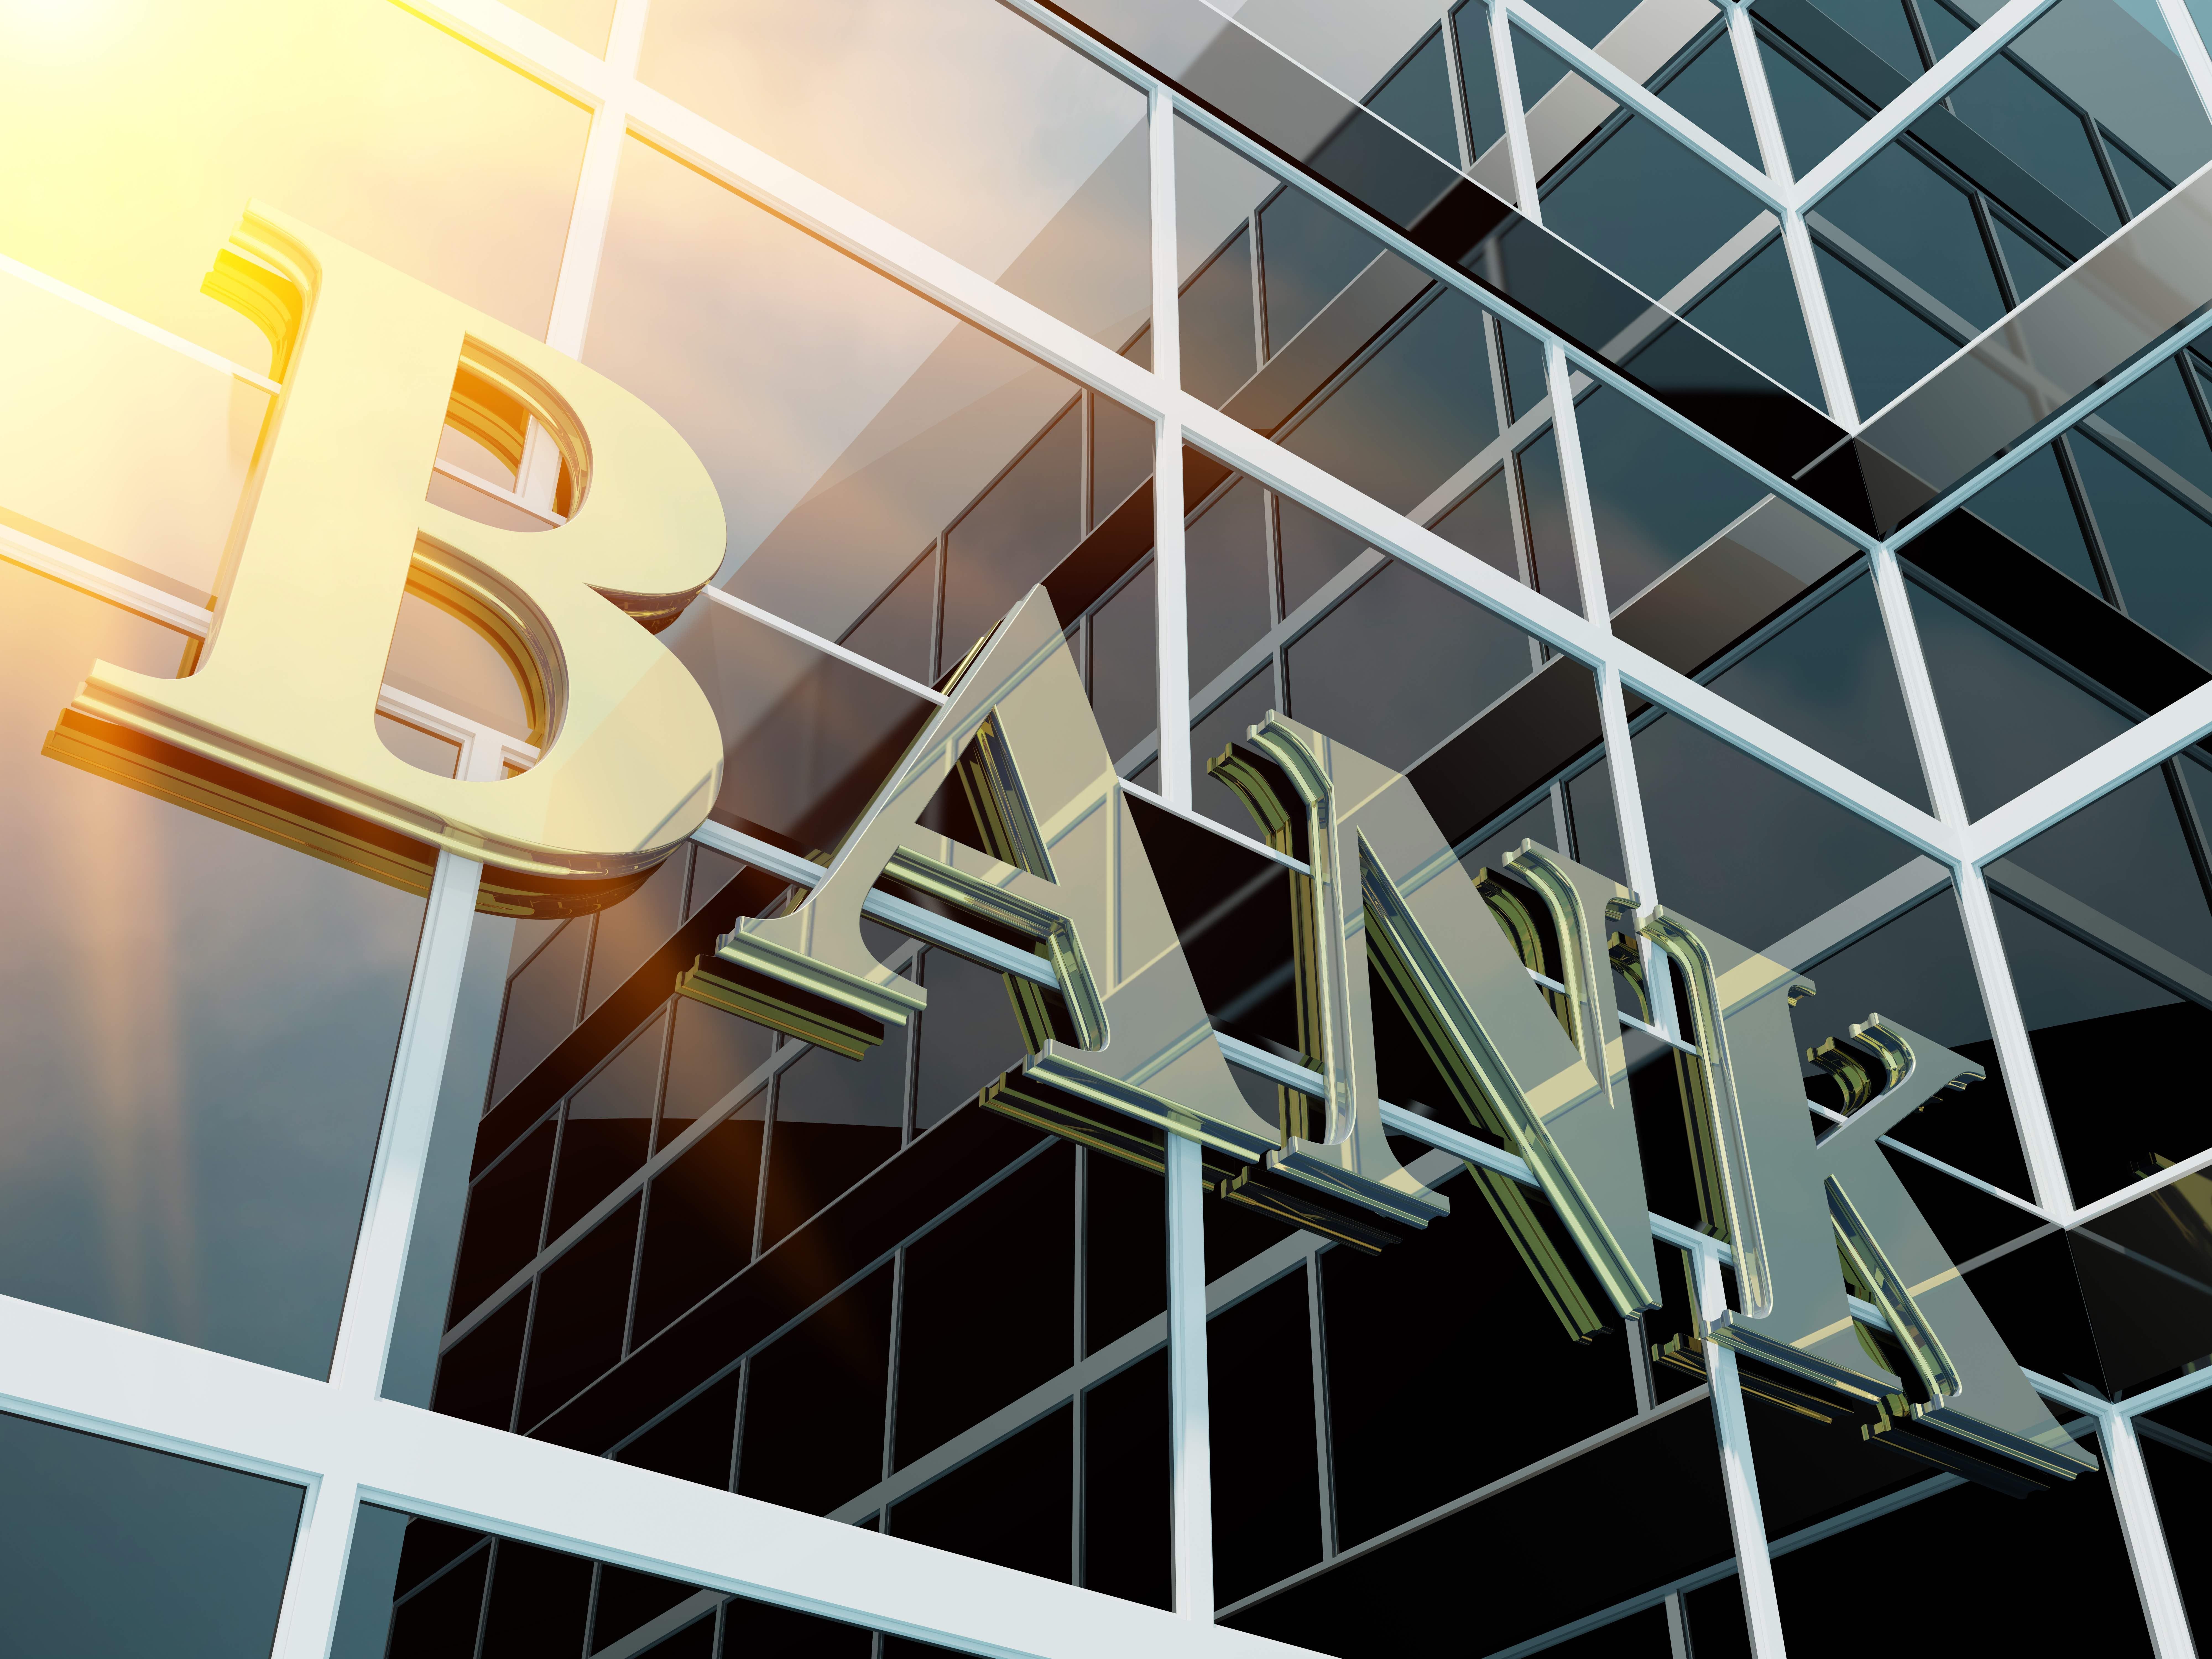 存款利率报价新方式开启,如何影响你我钱包?